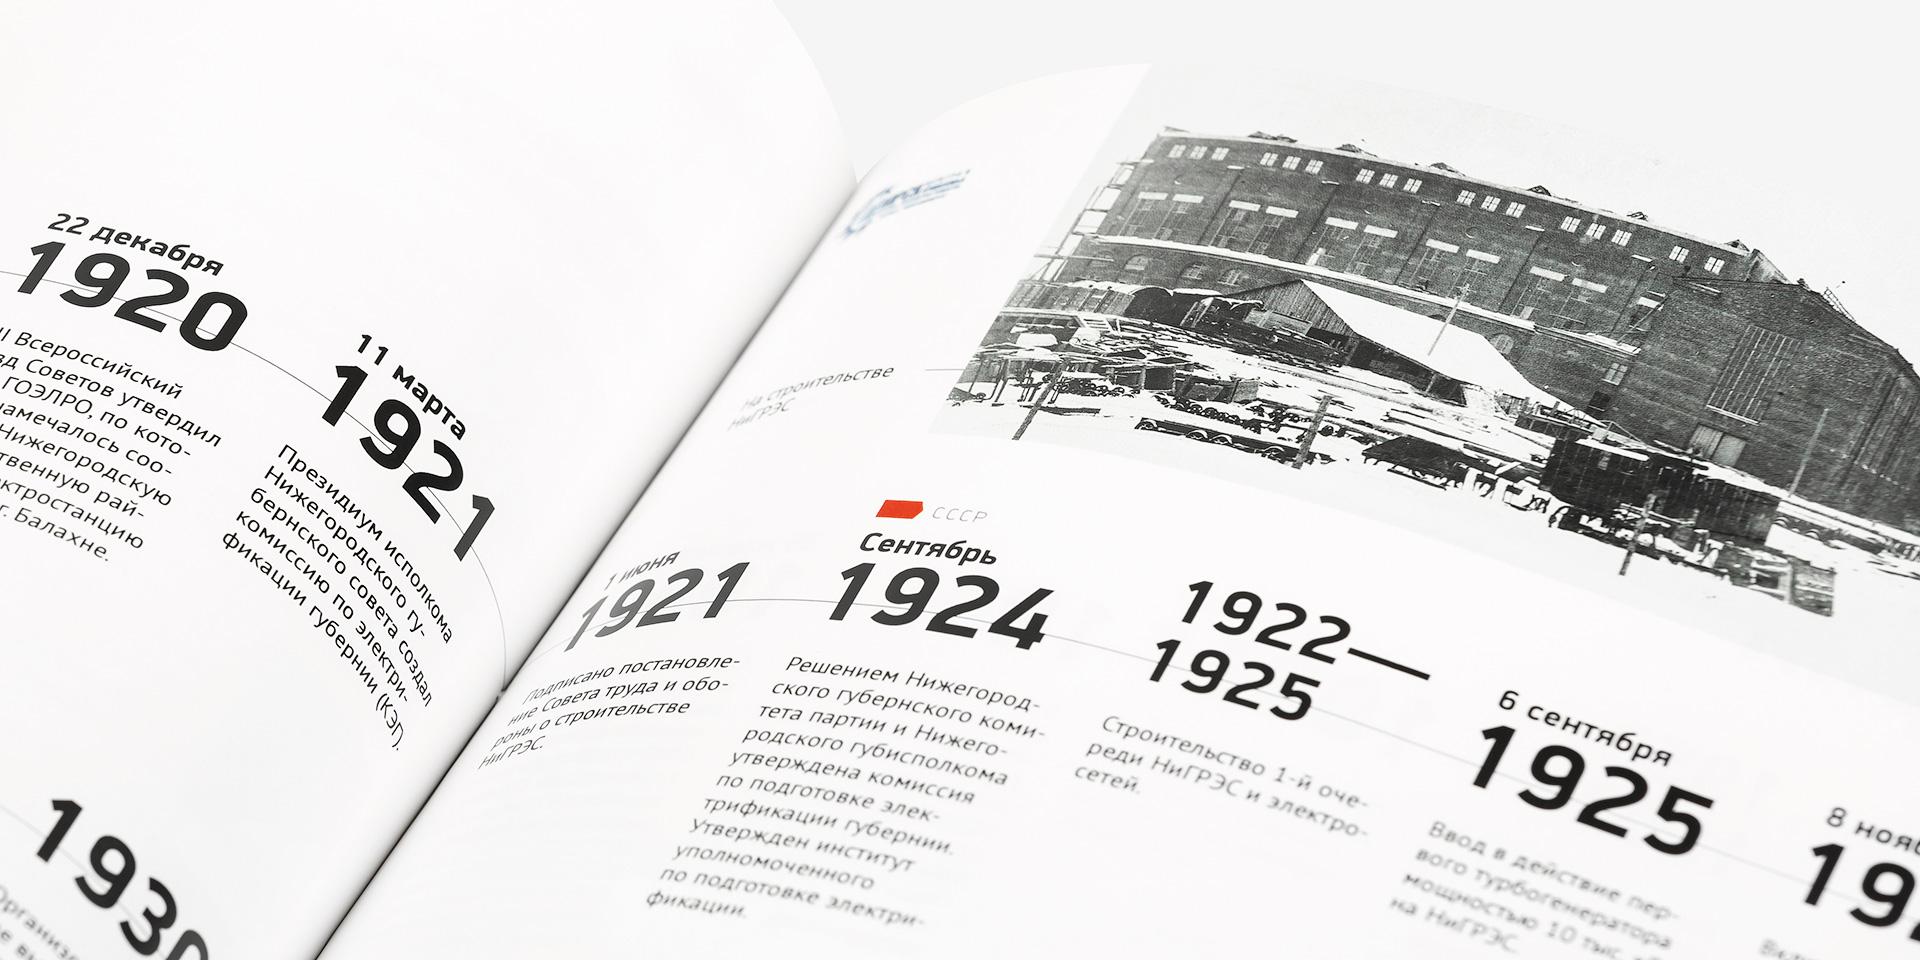 iksa, икса, дизайн книги, верстка книги, книга к юбилею музея, корпоративная книга, книга о выксе, книга нижноэнерго